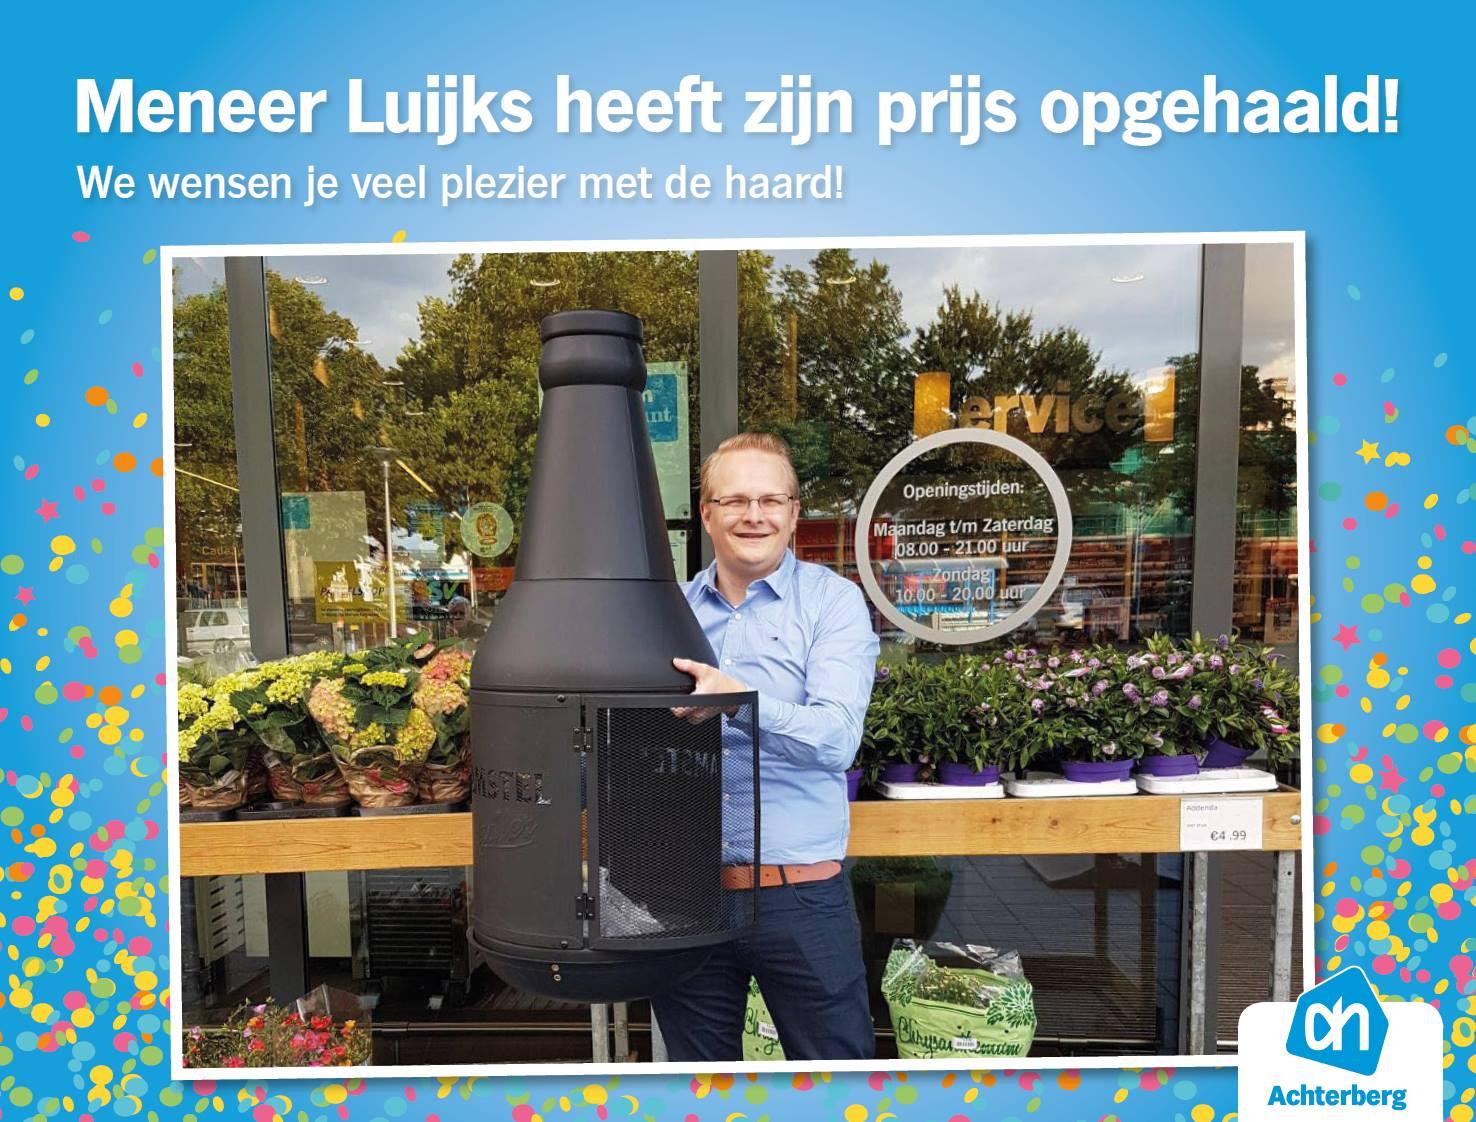 De winnaar heeft zijn Amstel Radler haard opgehaald!